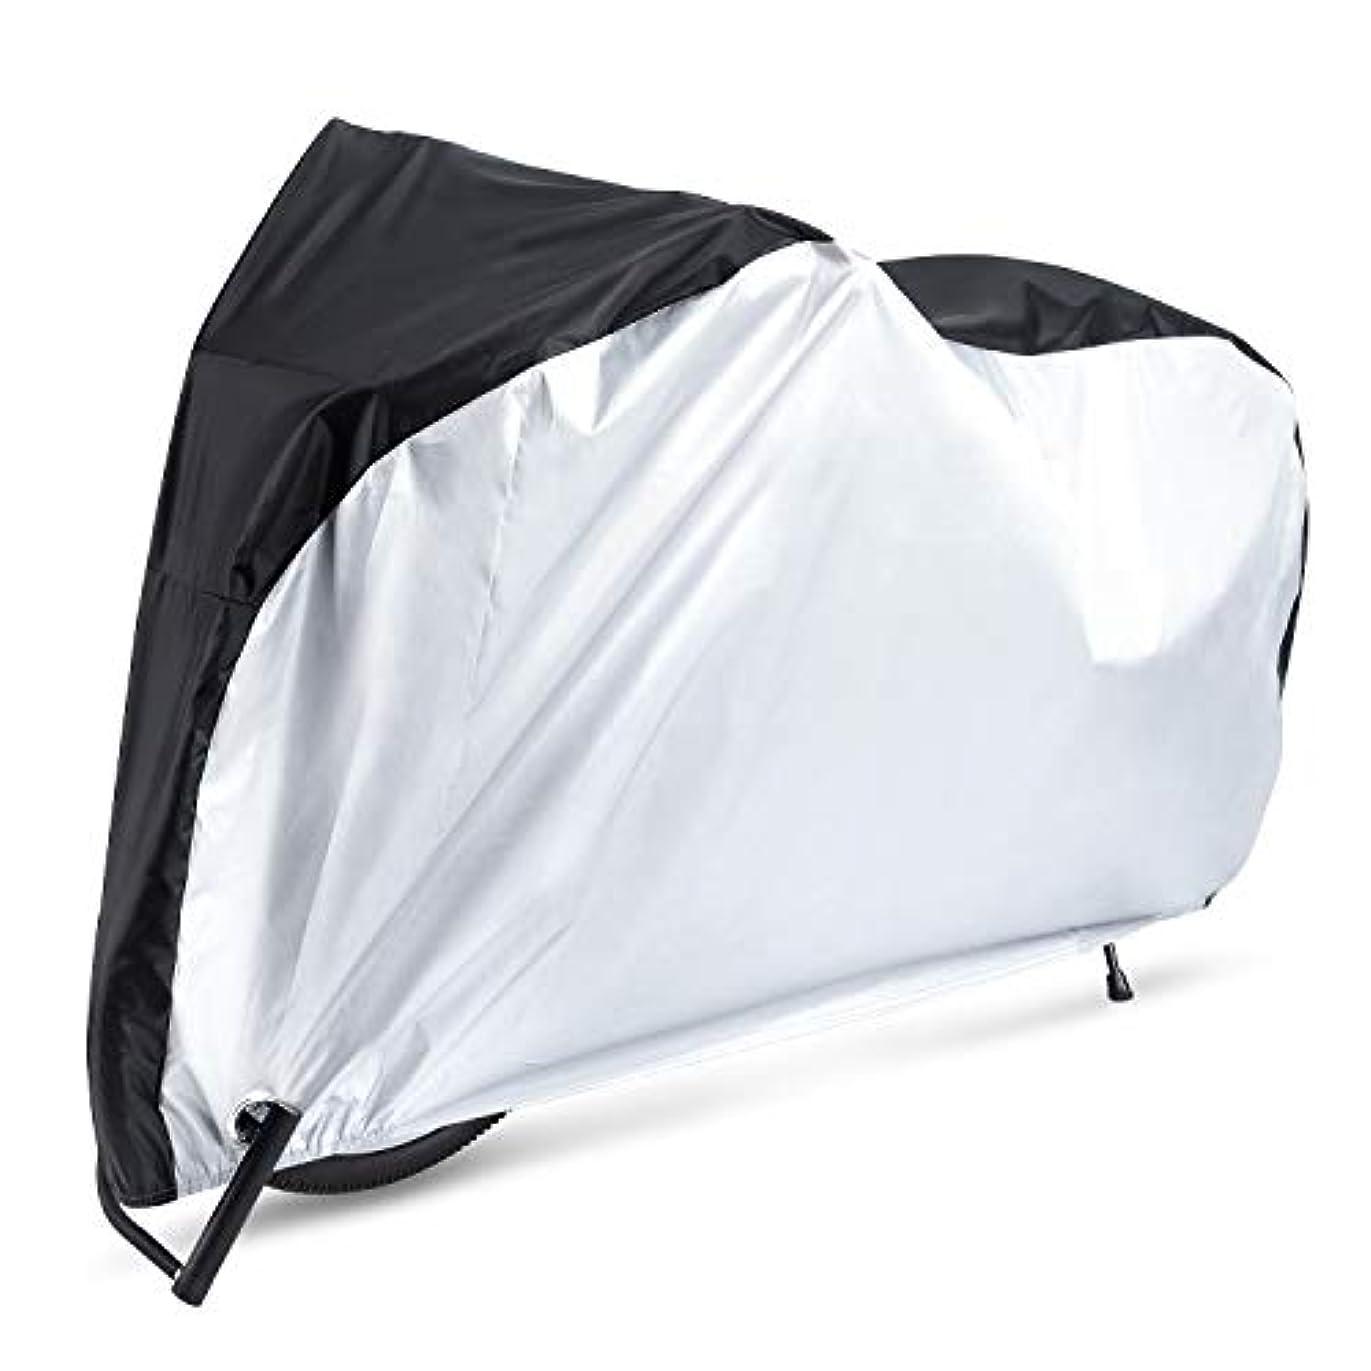 キノコ雪だるまを作る居眠りする自転車カバー サイクルカバー 210Dオックス製生地 厚手 二重縫製 風飛び防止 破れにくい 防水 防風 UVカット 29インチまで対応 収納袋付き